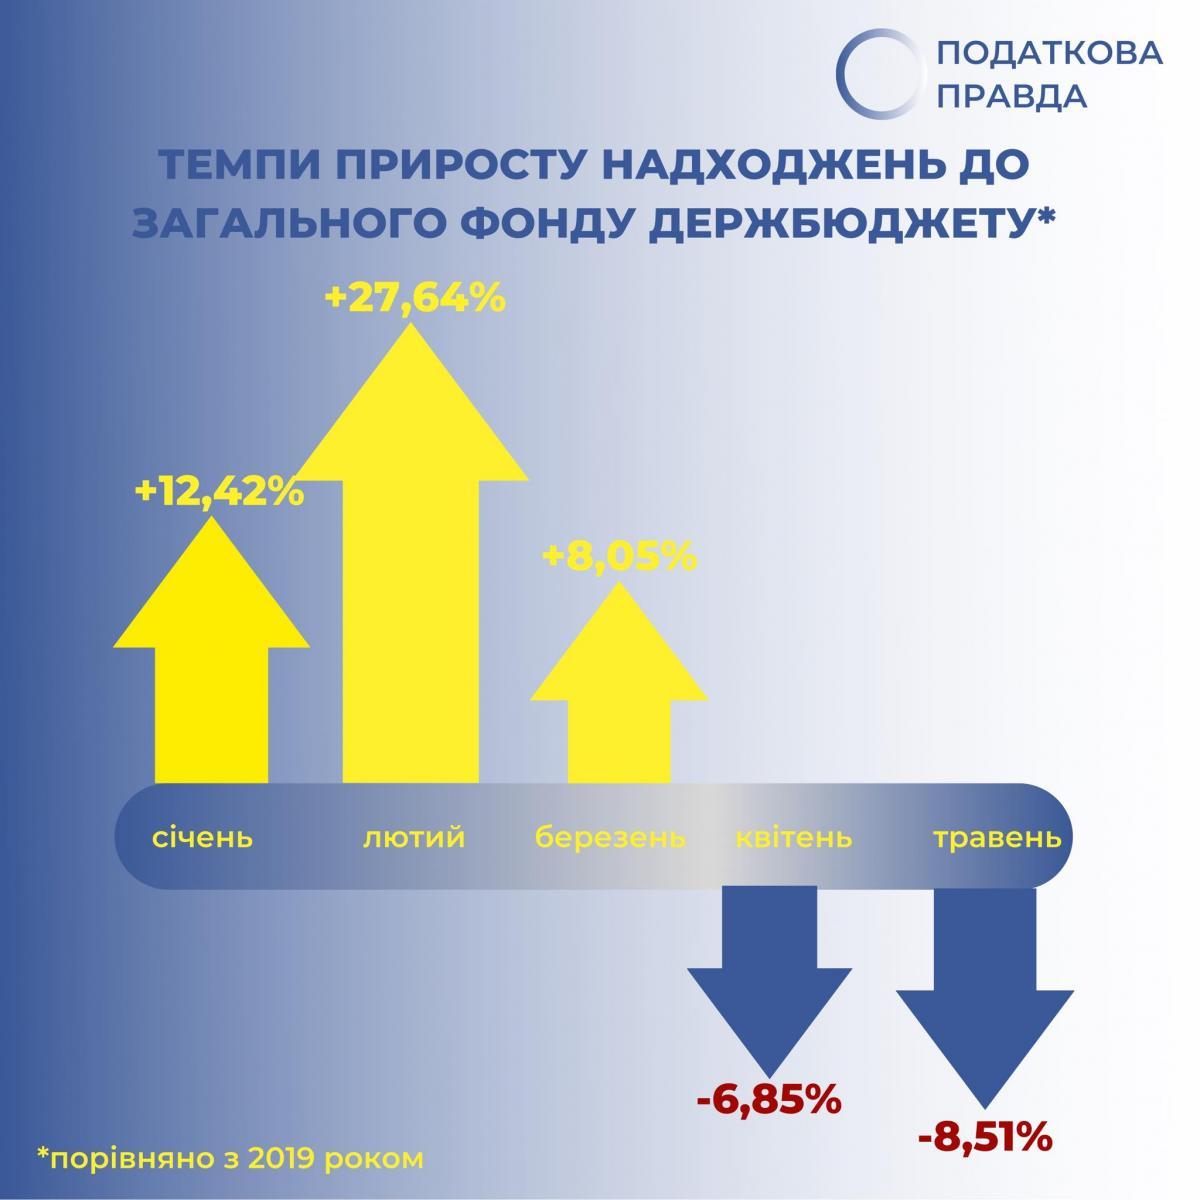 Податкові надходження до бюджету різко скоротилися